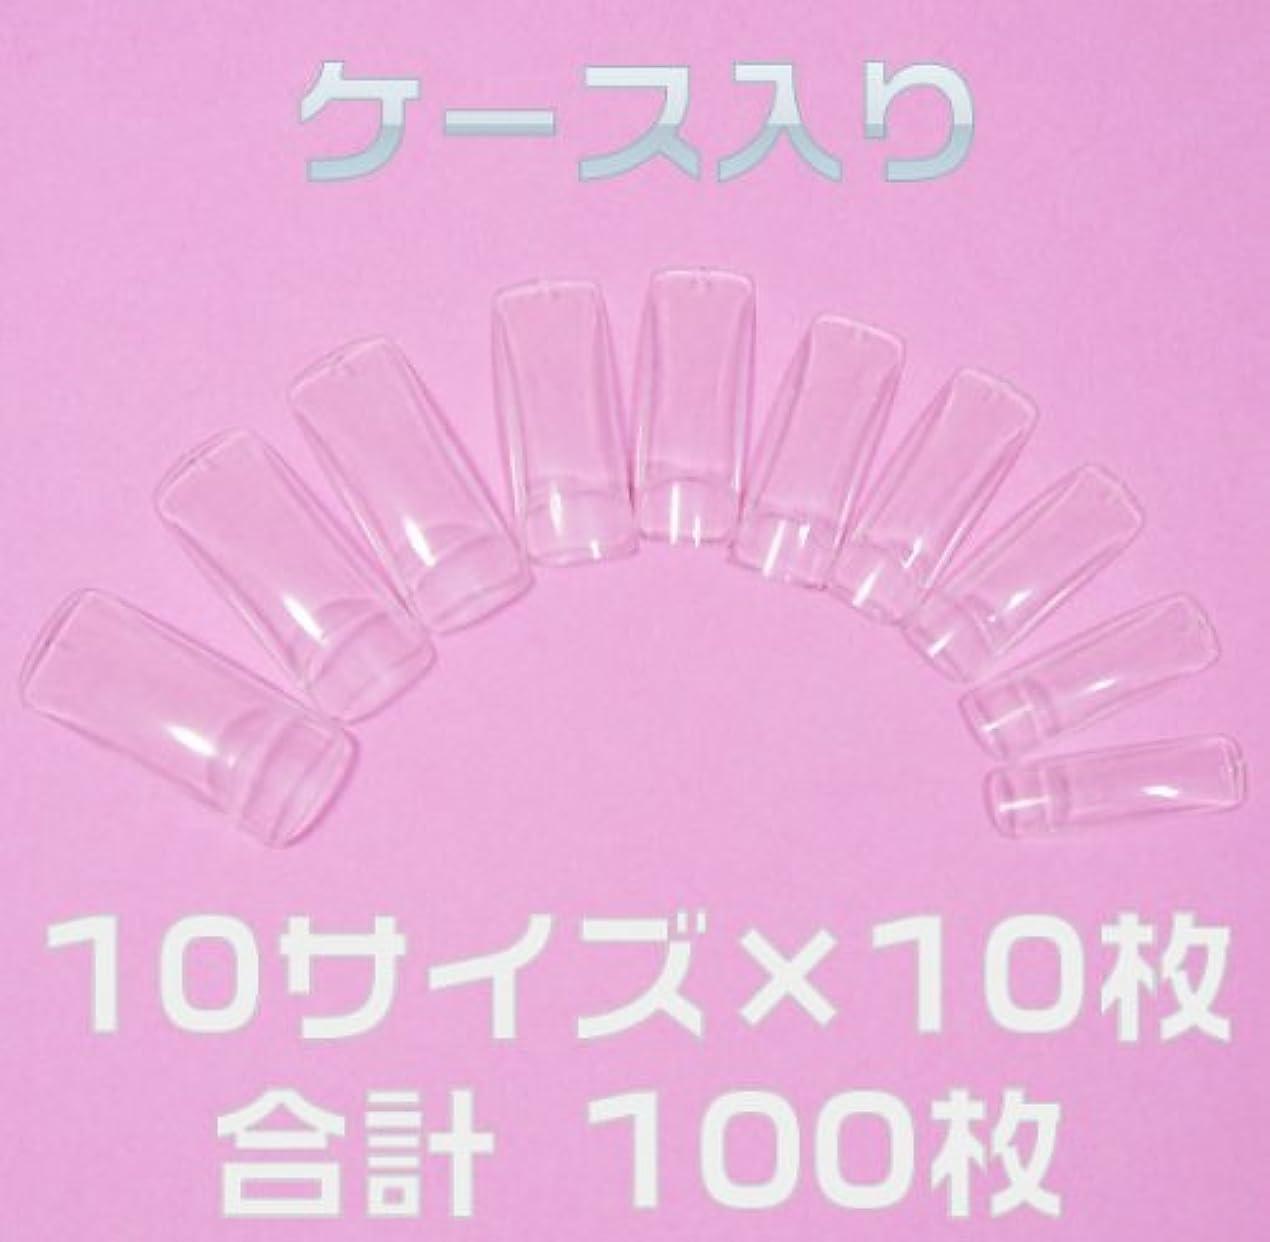 数スマイルこねるネイルチップ チップオーバーレイ用 クリア 100枚[#c3] つけ爪付け爪